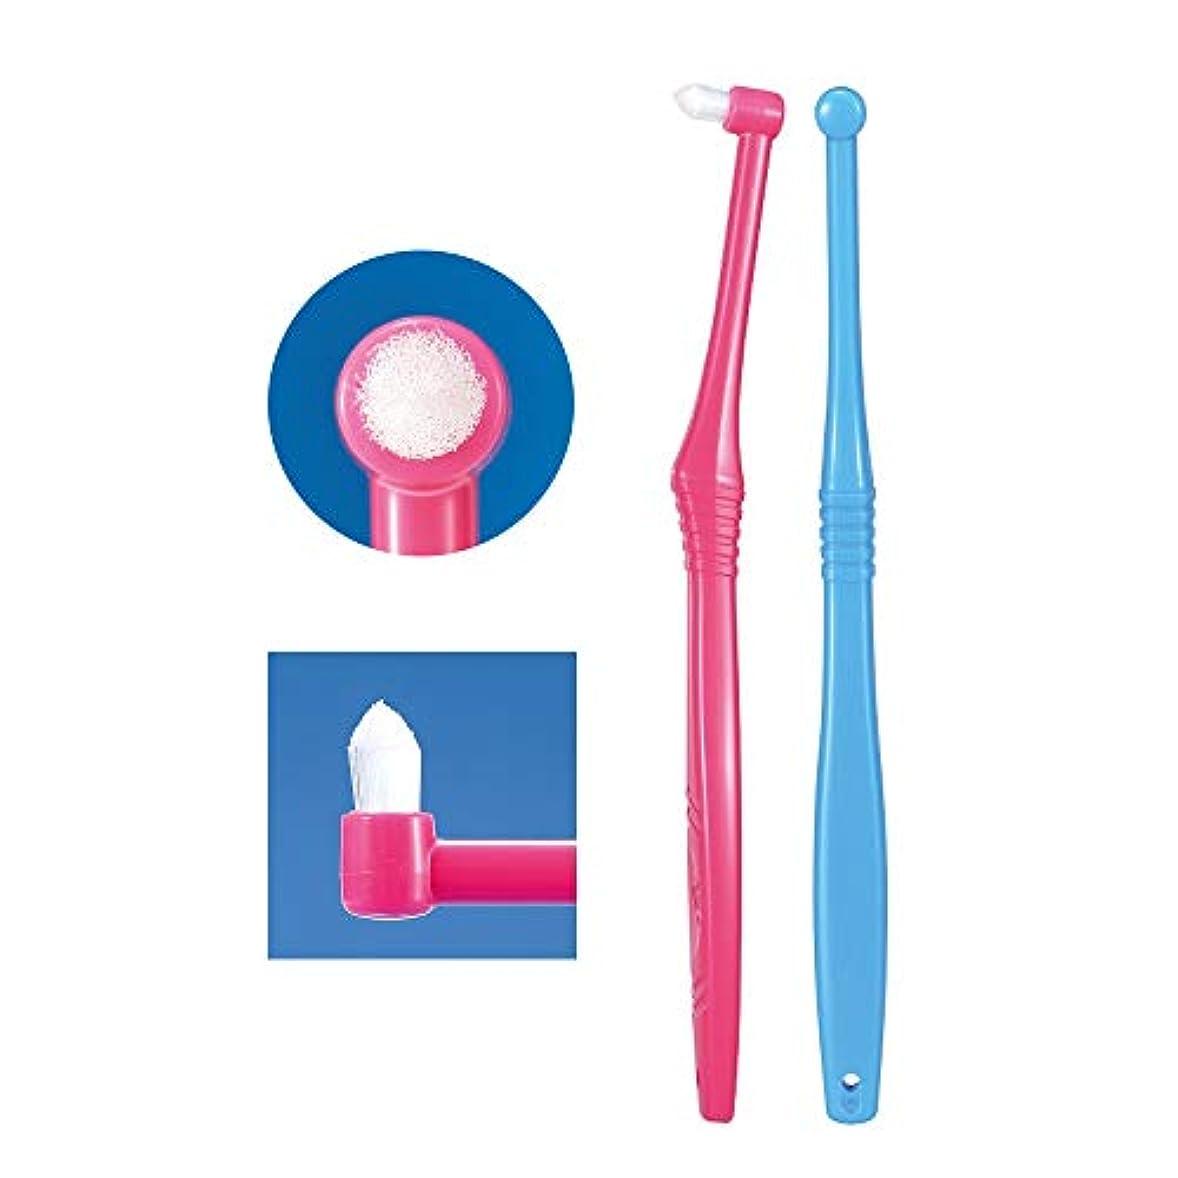 洗うのり洗うCi PROワンタフト 1本 ラージヘッド M(ふつう) ポイント磨き 歯科専売品